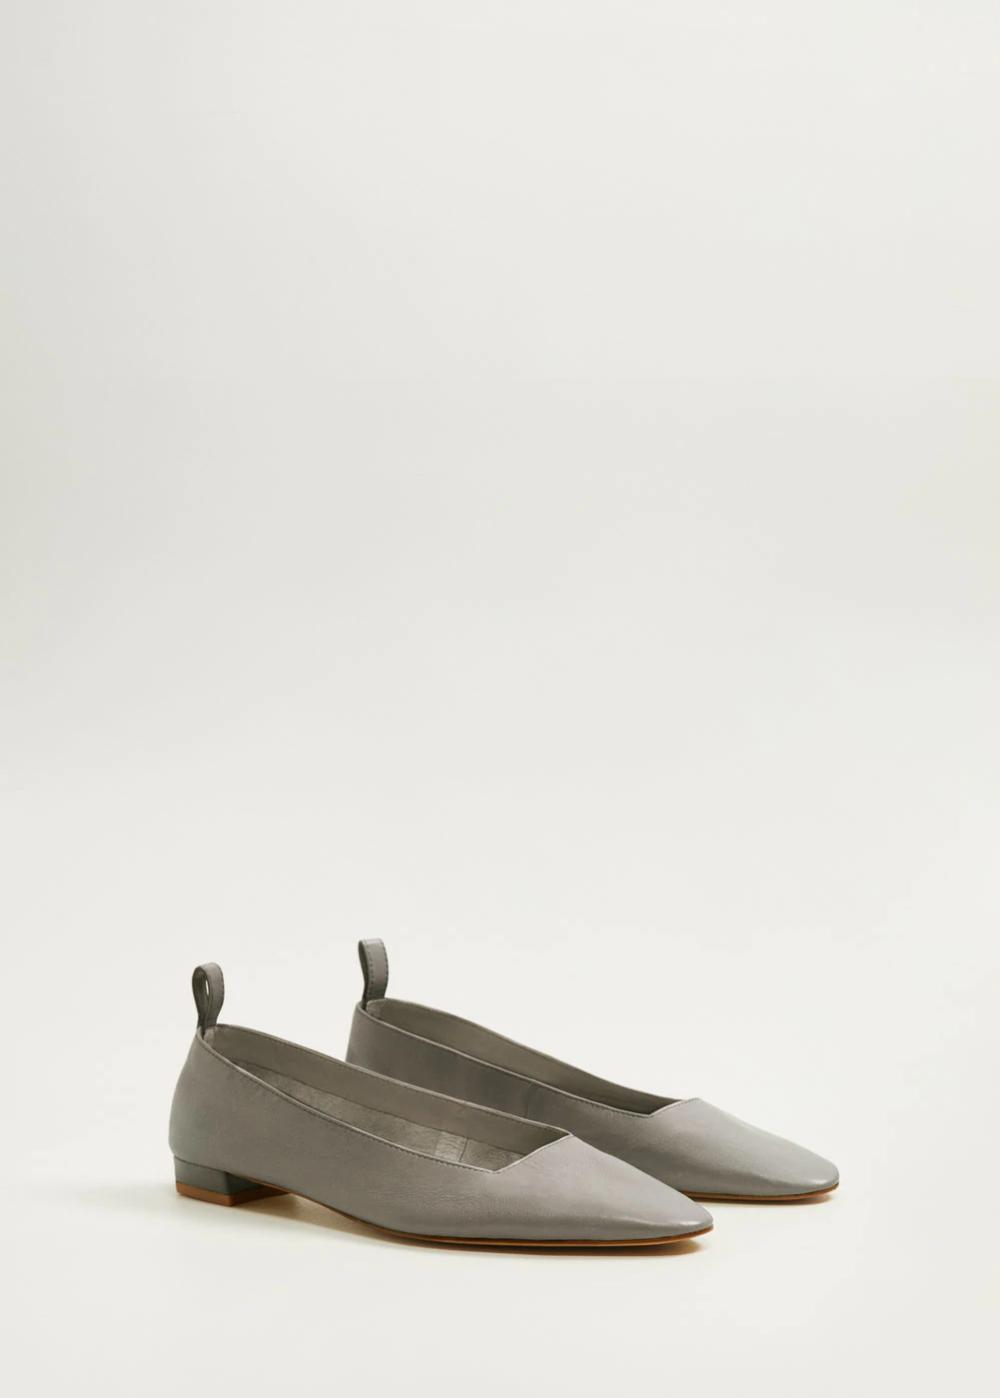 Plaskie Skorzane Buty Kobieta Outlet Polska Flat Shoes Women Leather Shoes Women Flats Leather Flat Shoes